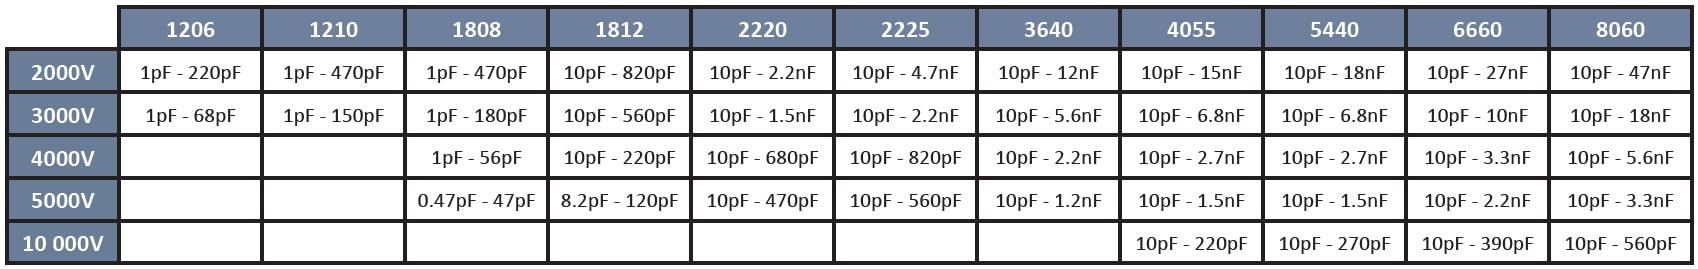 SRT Microcéramique High Voltage NP0 capacitor series (2kV to 10kV)